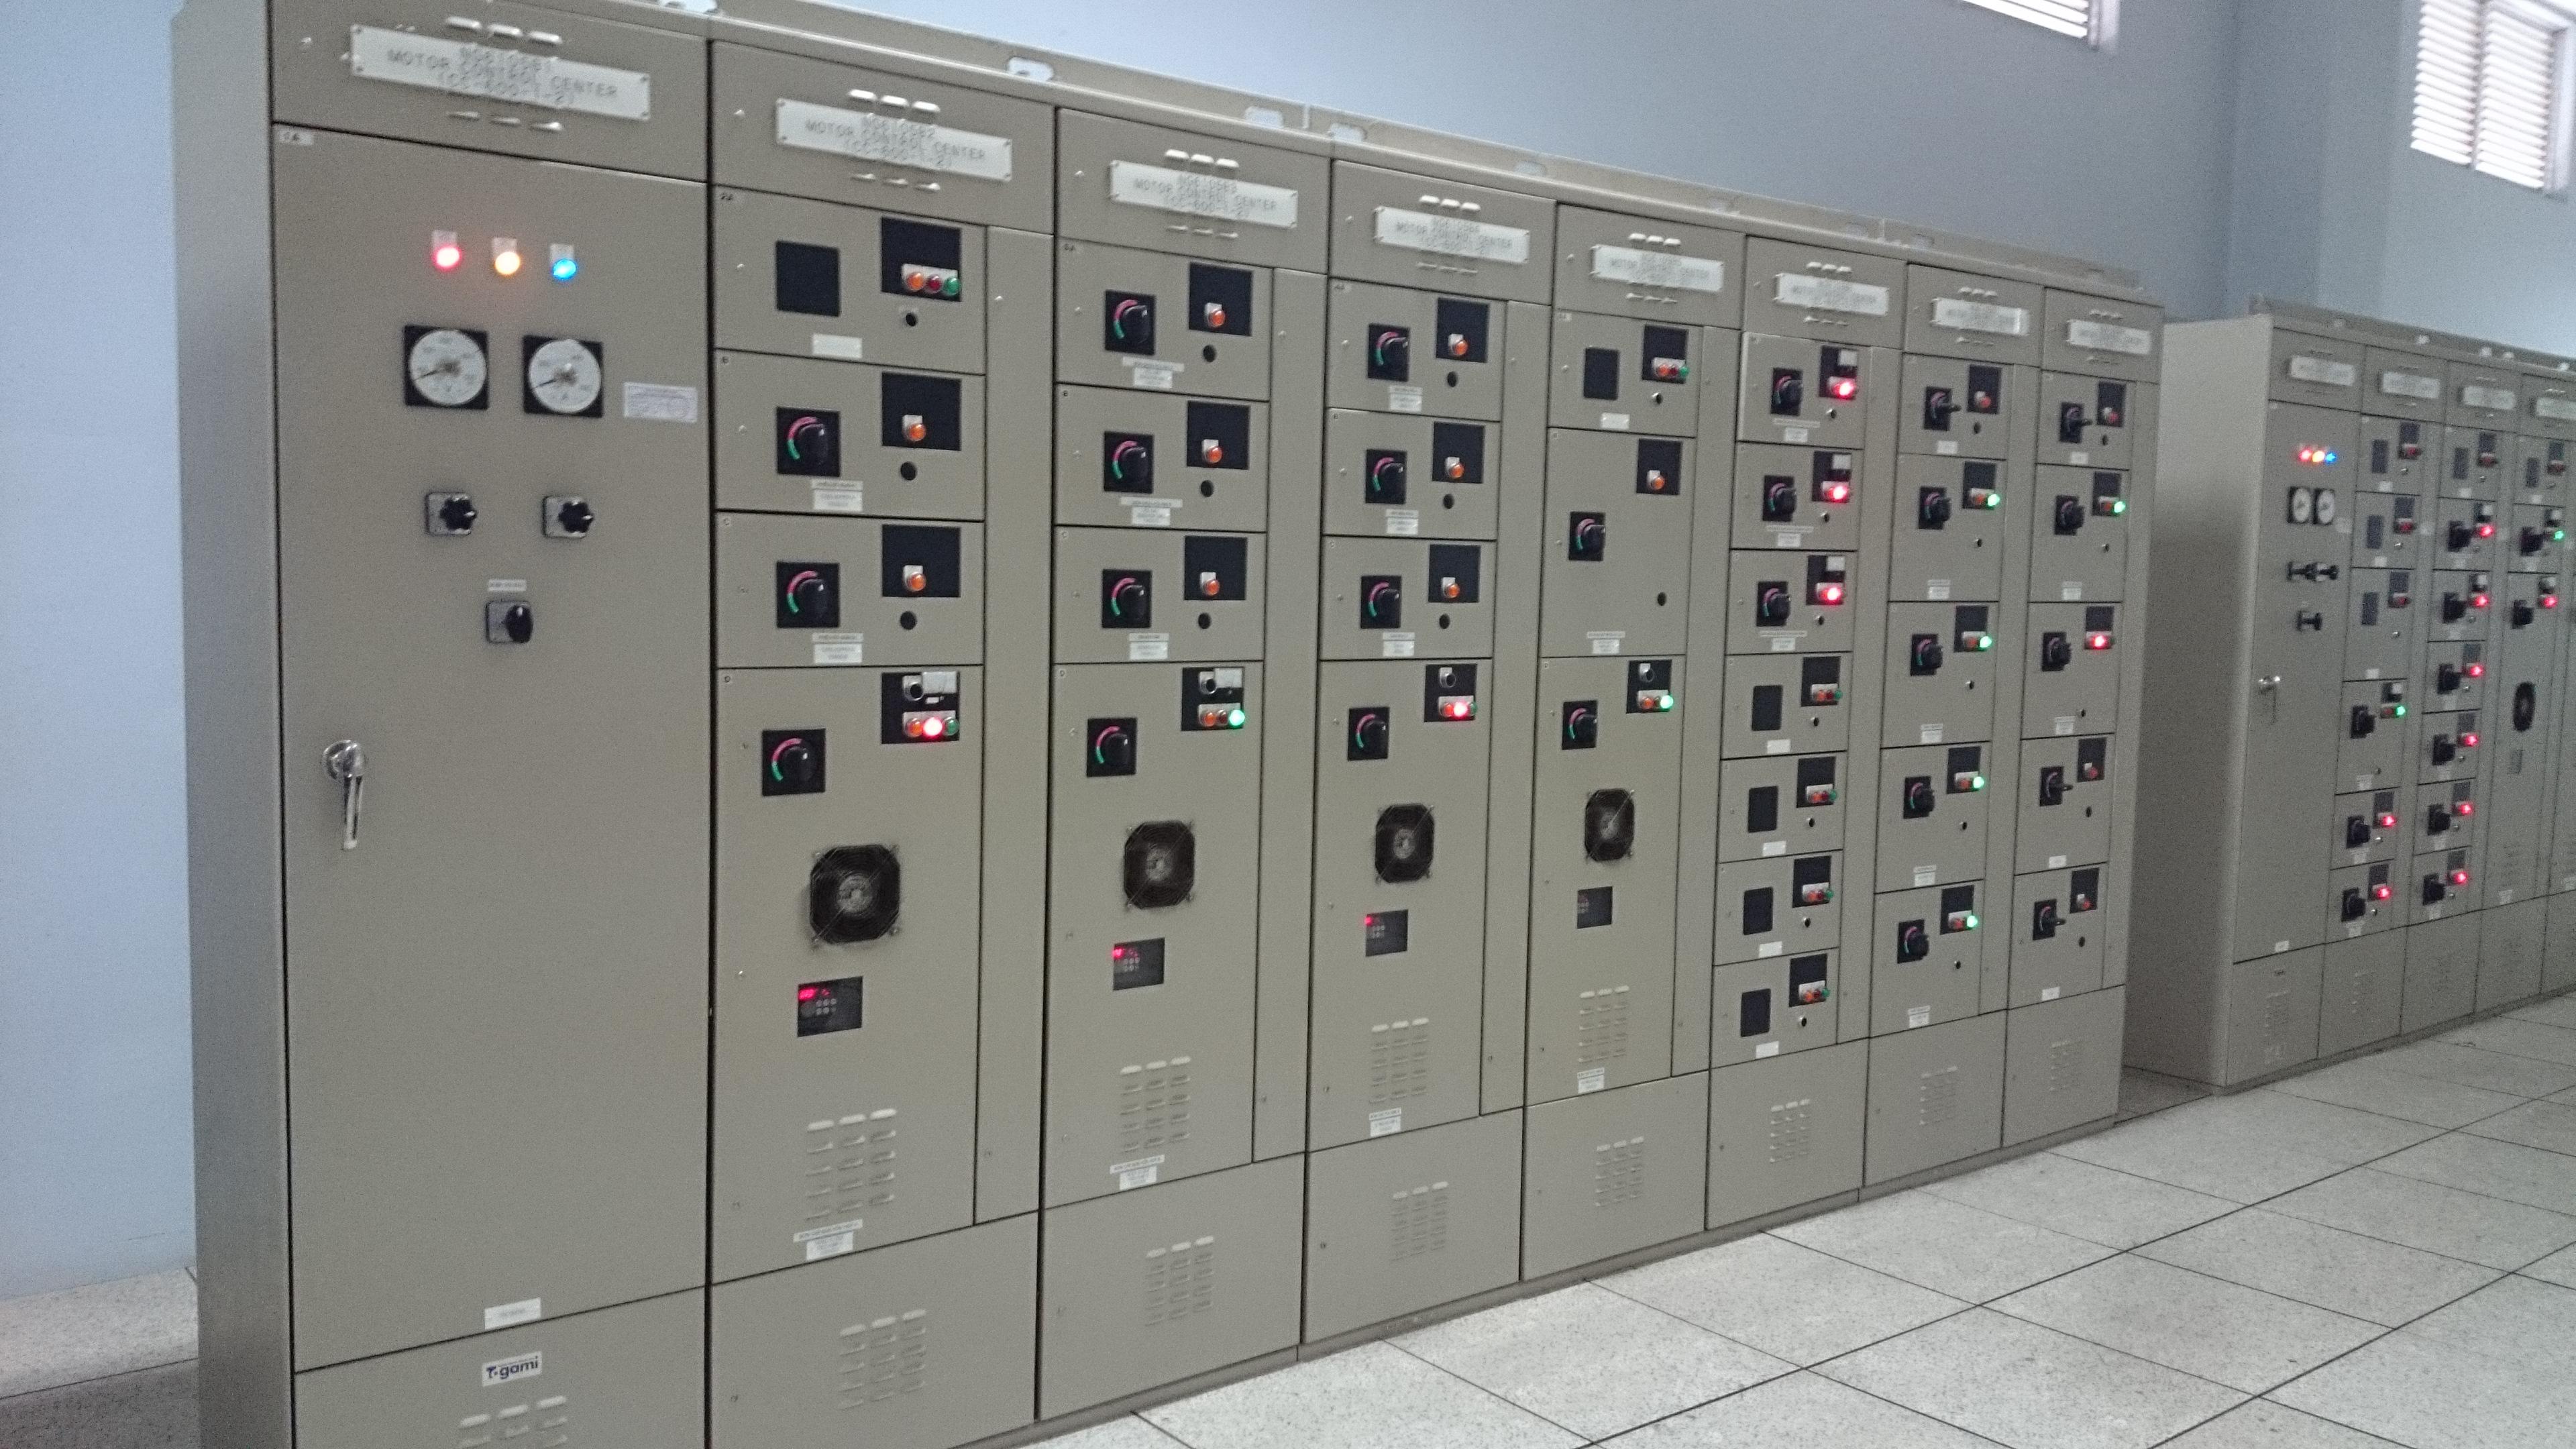 Kết quả hình ảnh cho Tủ điện điều khiển trung tâm